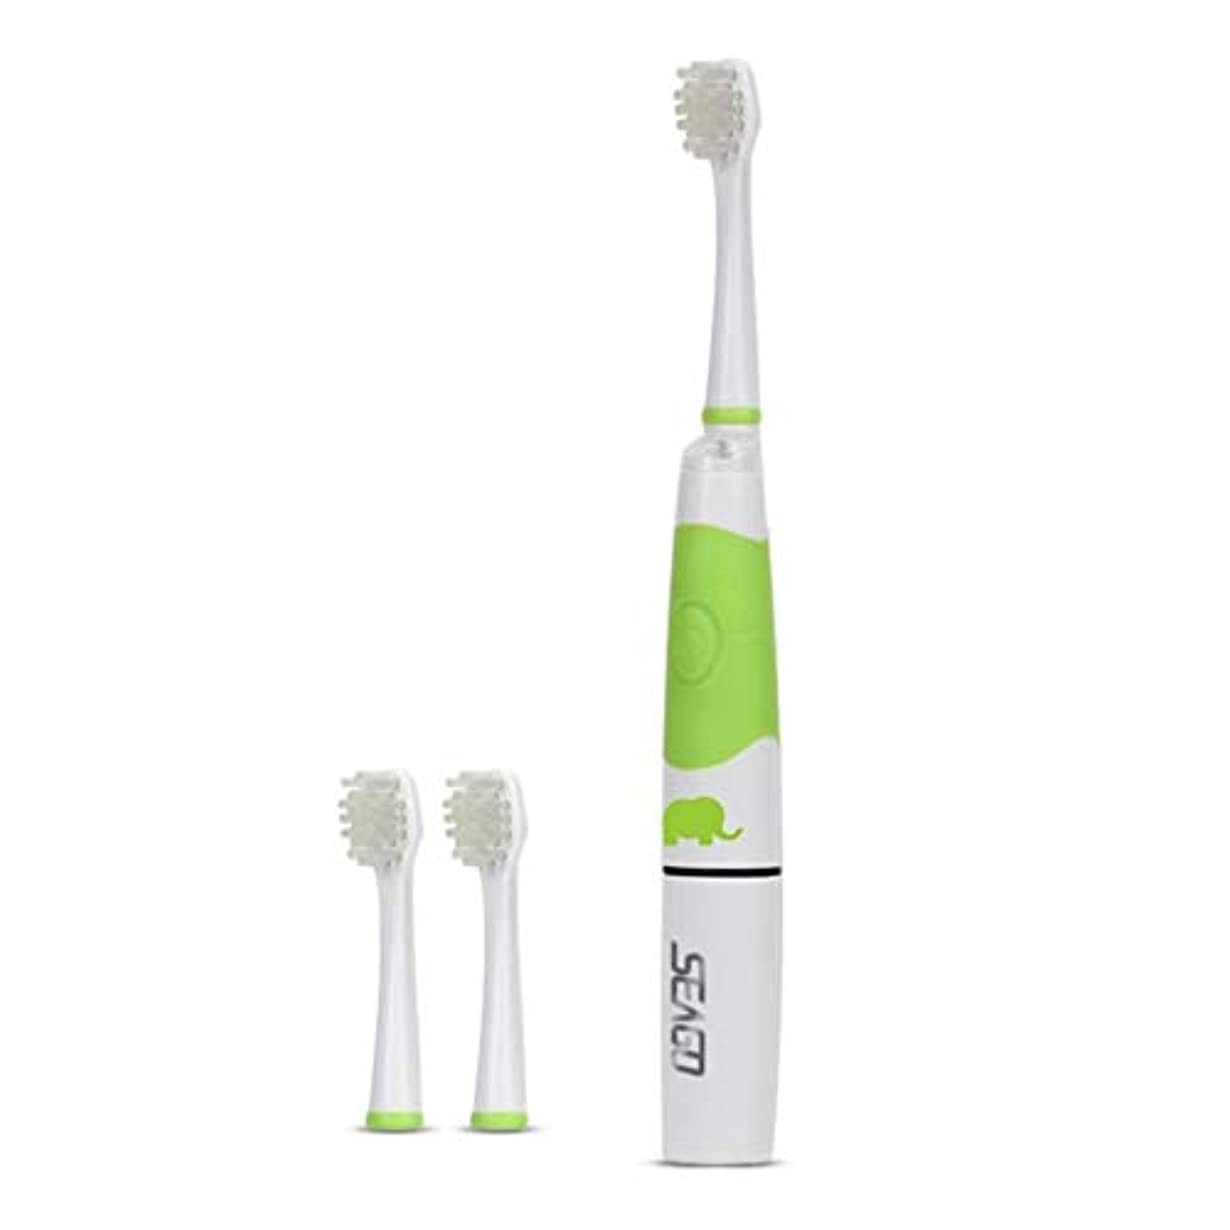 魔法効能ある相反するSOOKi 子供ソニック電動歯ブラシLEDライトキッズソニック歯ブラシスマートリマインダー赤ちゃんの歯ブラシ幼児歯ブラシで余分2交換可能なブラシヘッド用2-7子供,Green